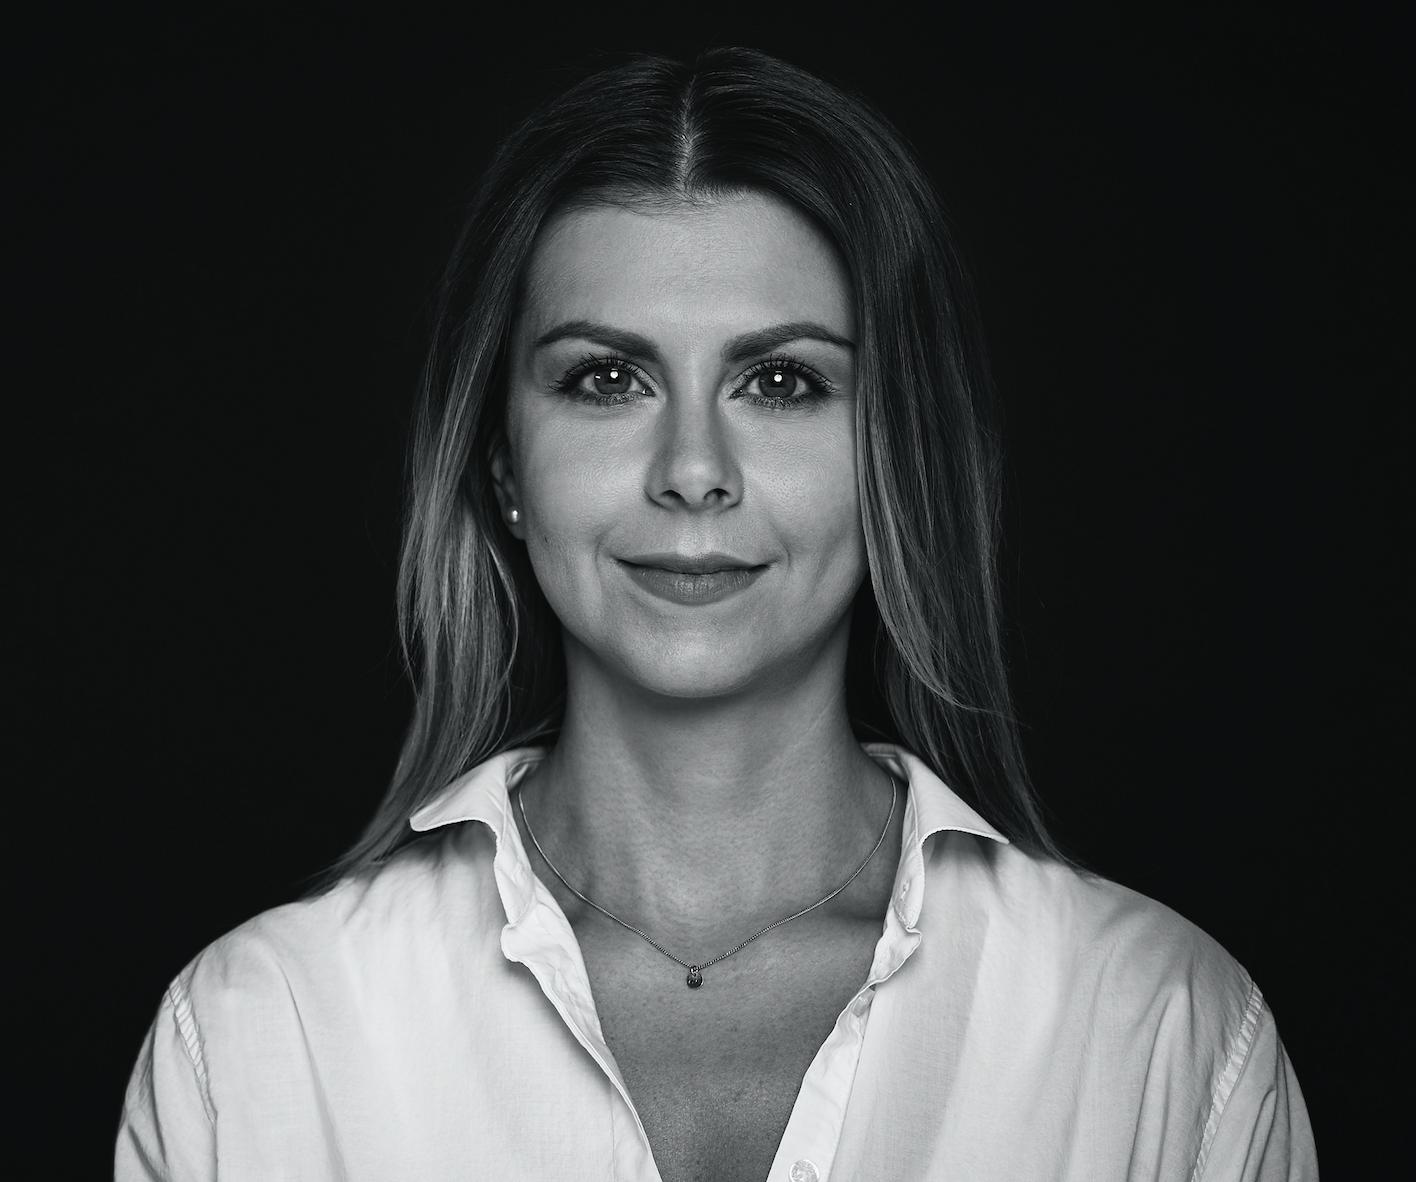 Portrait of Anna Fishman